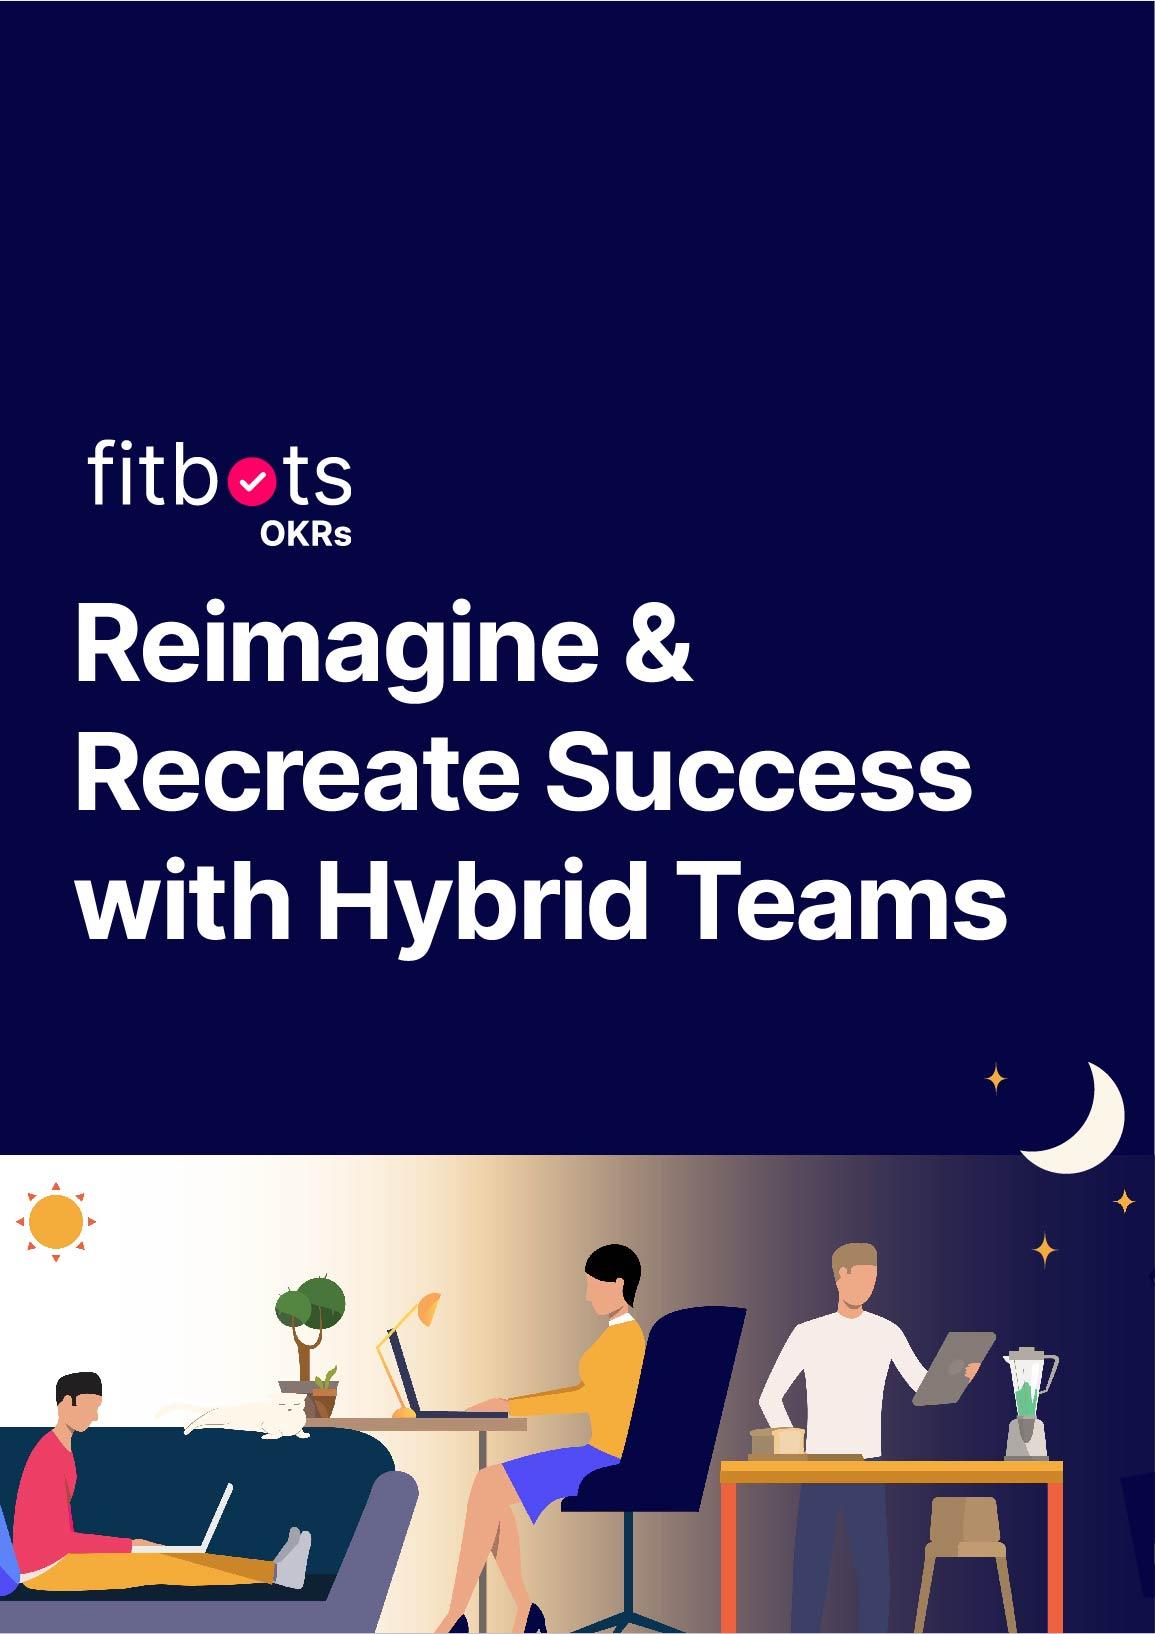 Reimagine & Recreate Success with Hybrid Teams